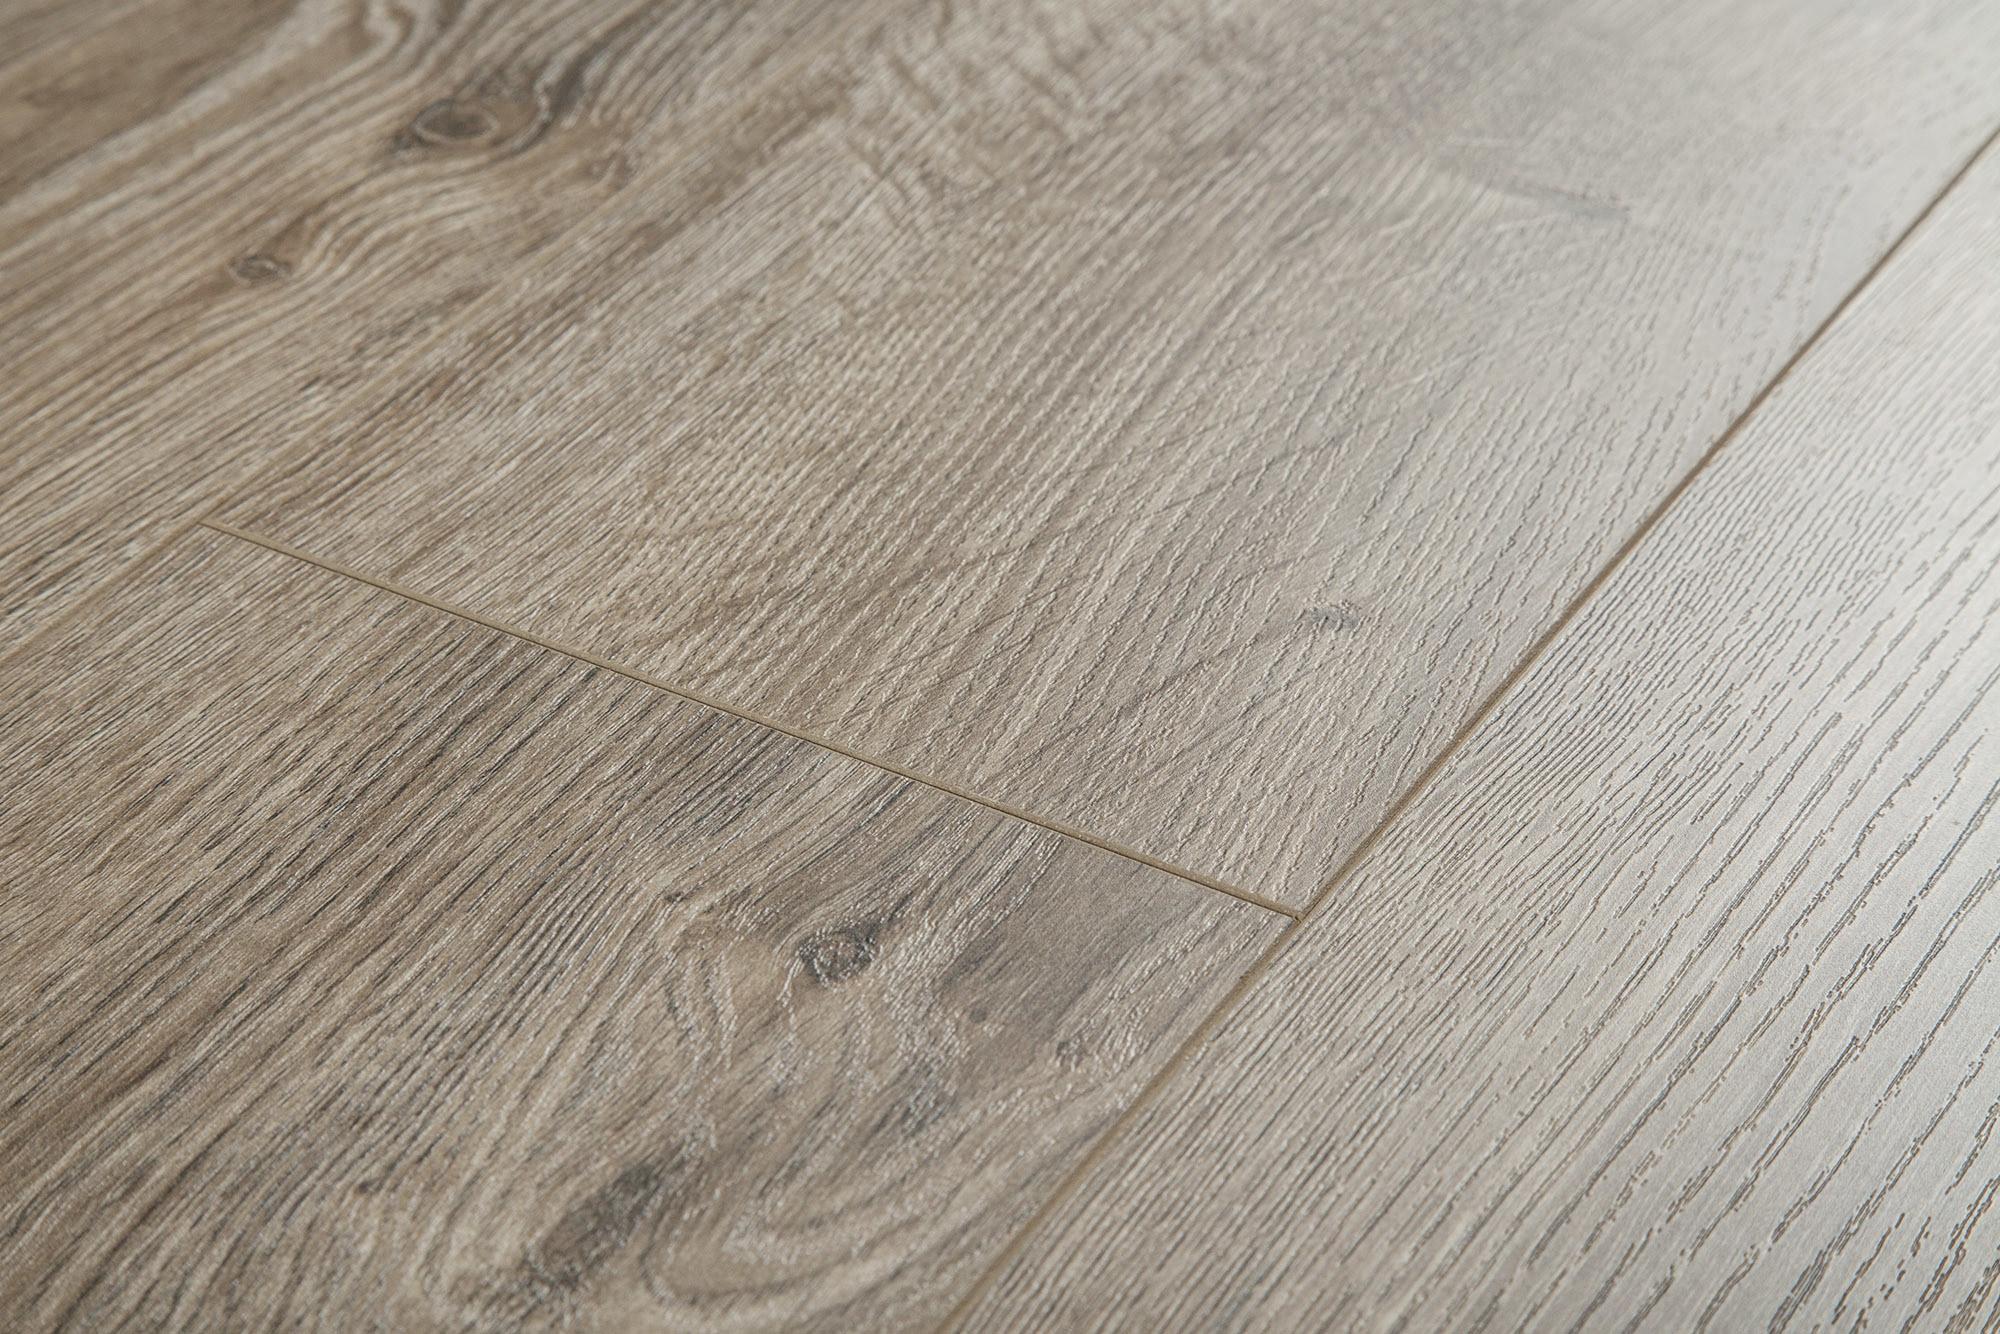 from chicago damage blonde hardwood mr water repair radiator leaking baseboard wood a repairing floor floors damaged